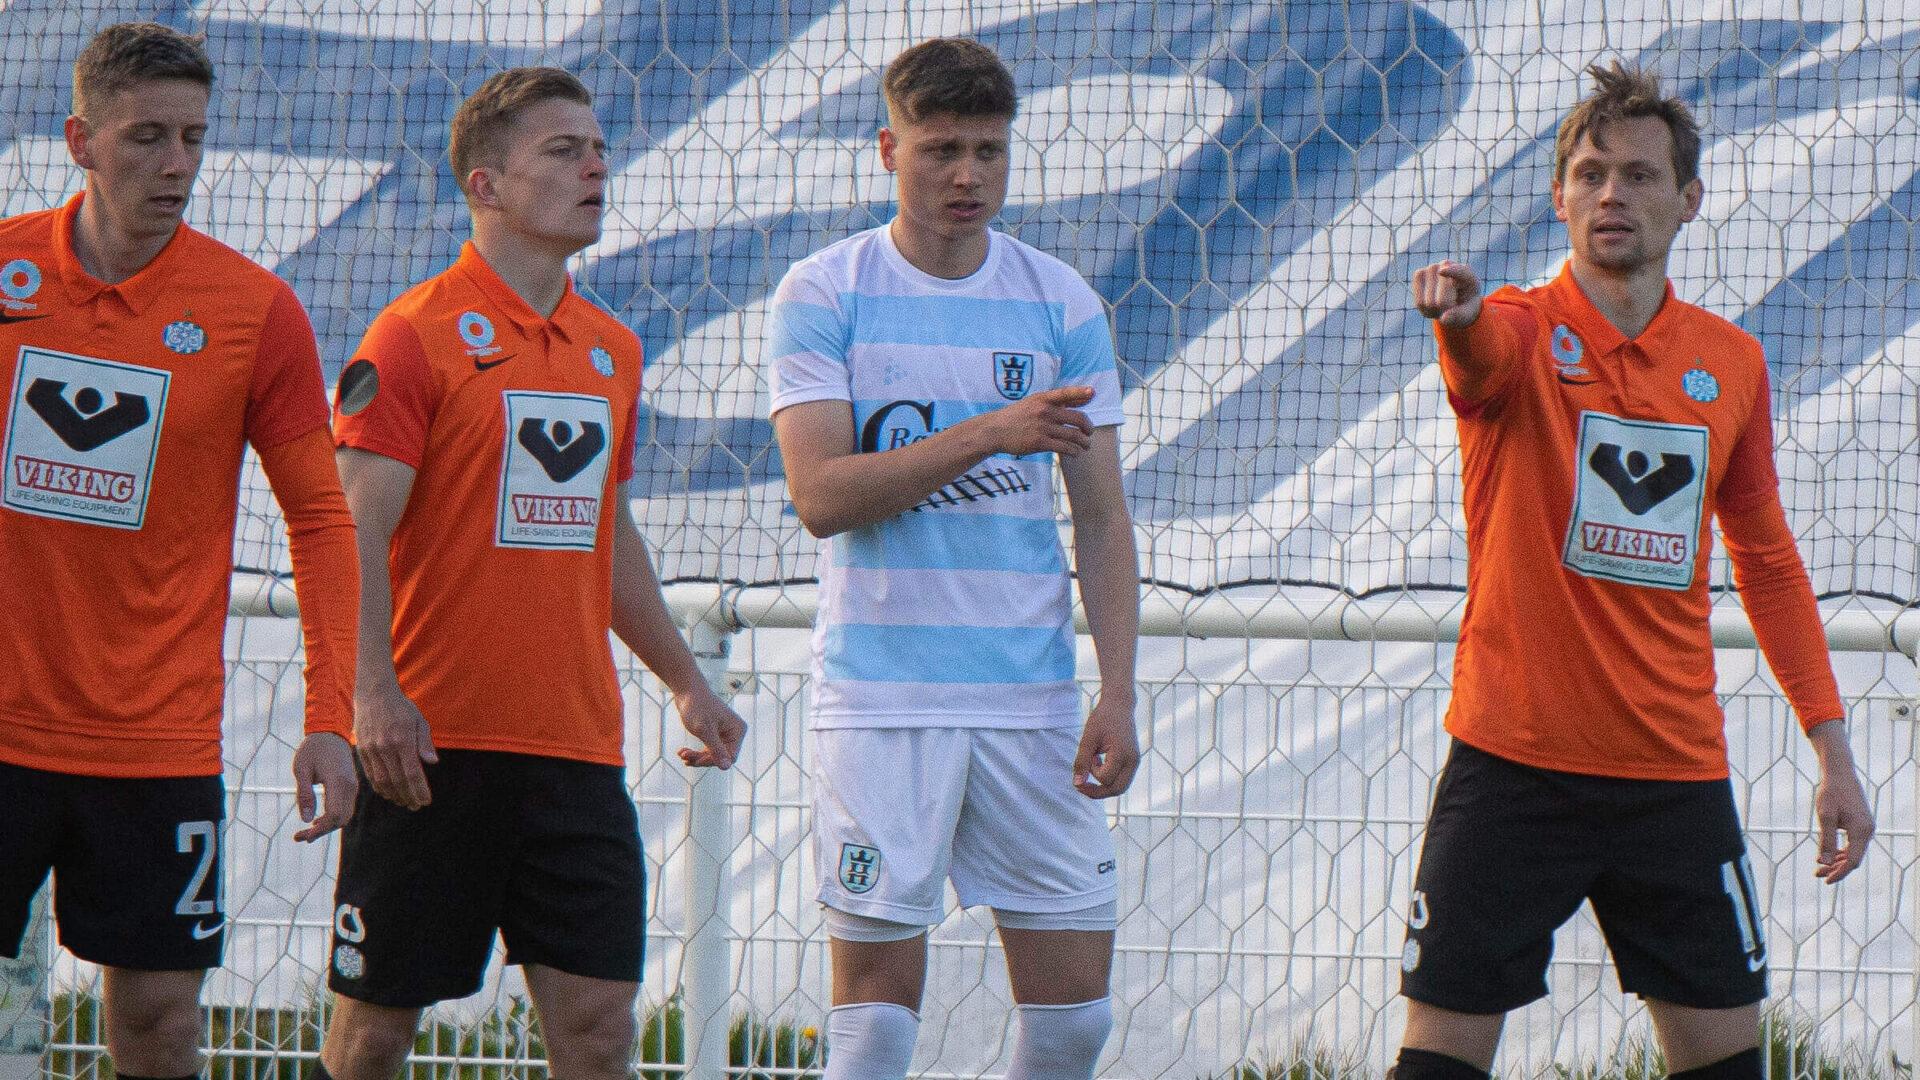 0-1-nederlag i Helsingør